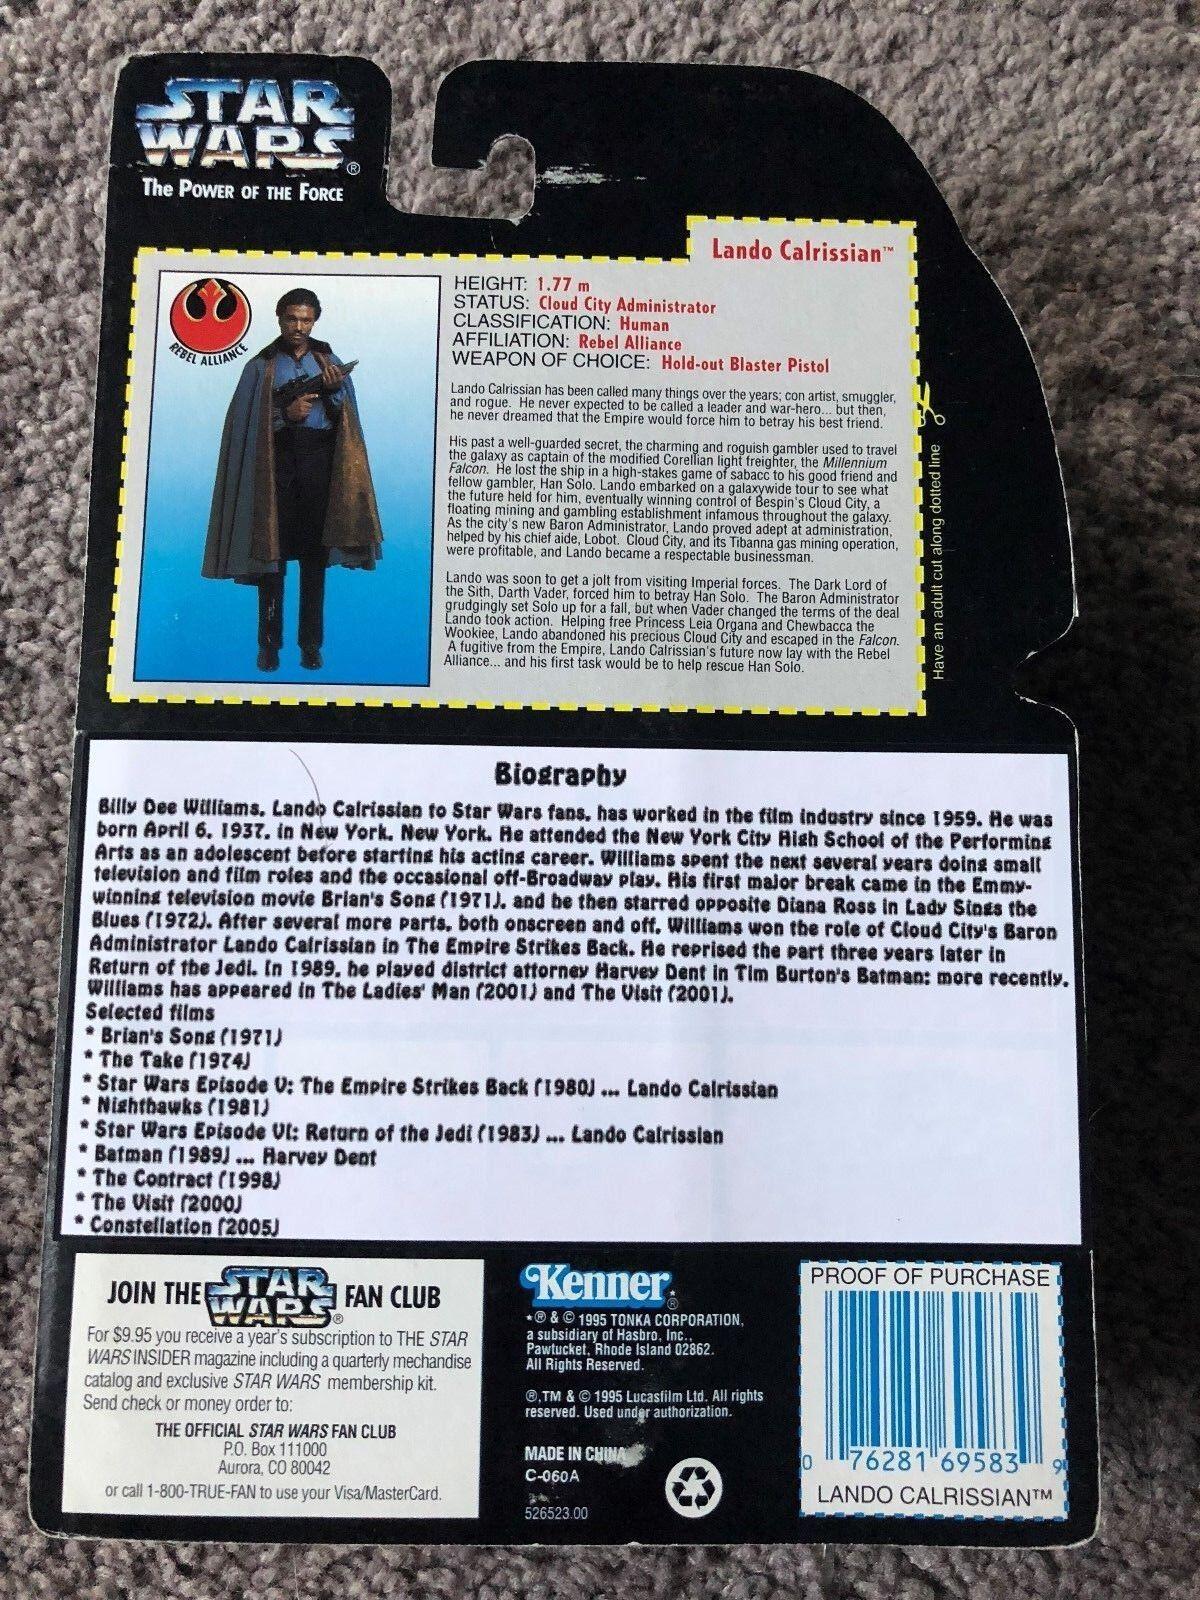 estrella guerras TPOTF LeO CALRISSIAN BOSTON BOSTON BOSTON SUPER MEGAFEST 14 OF 25 fatto c9bc56